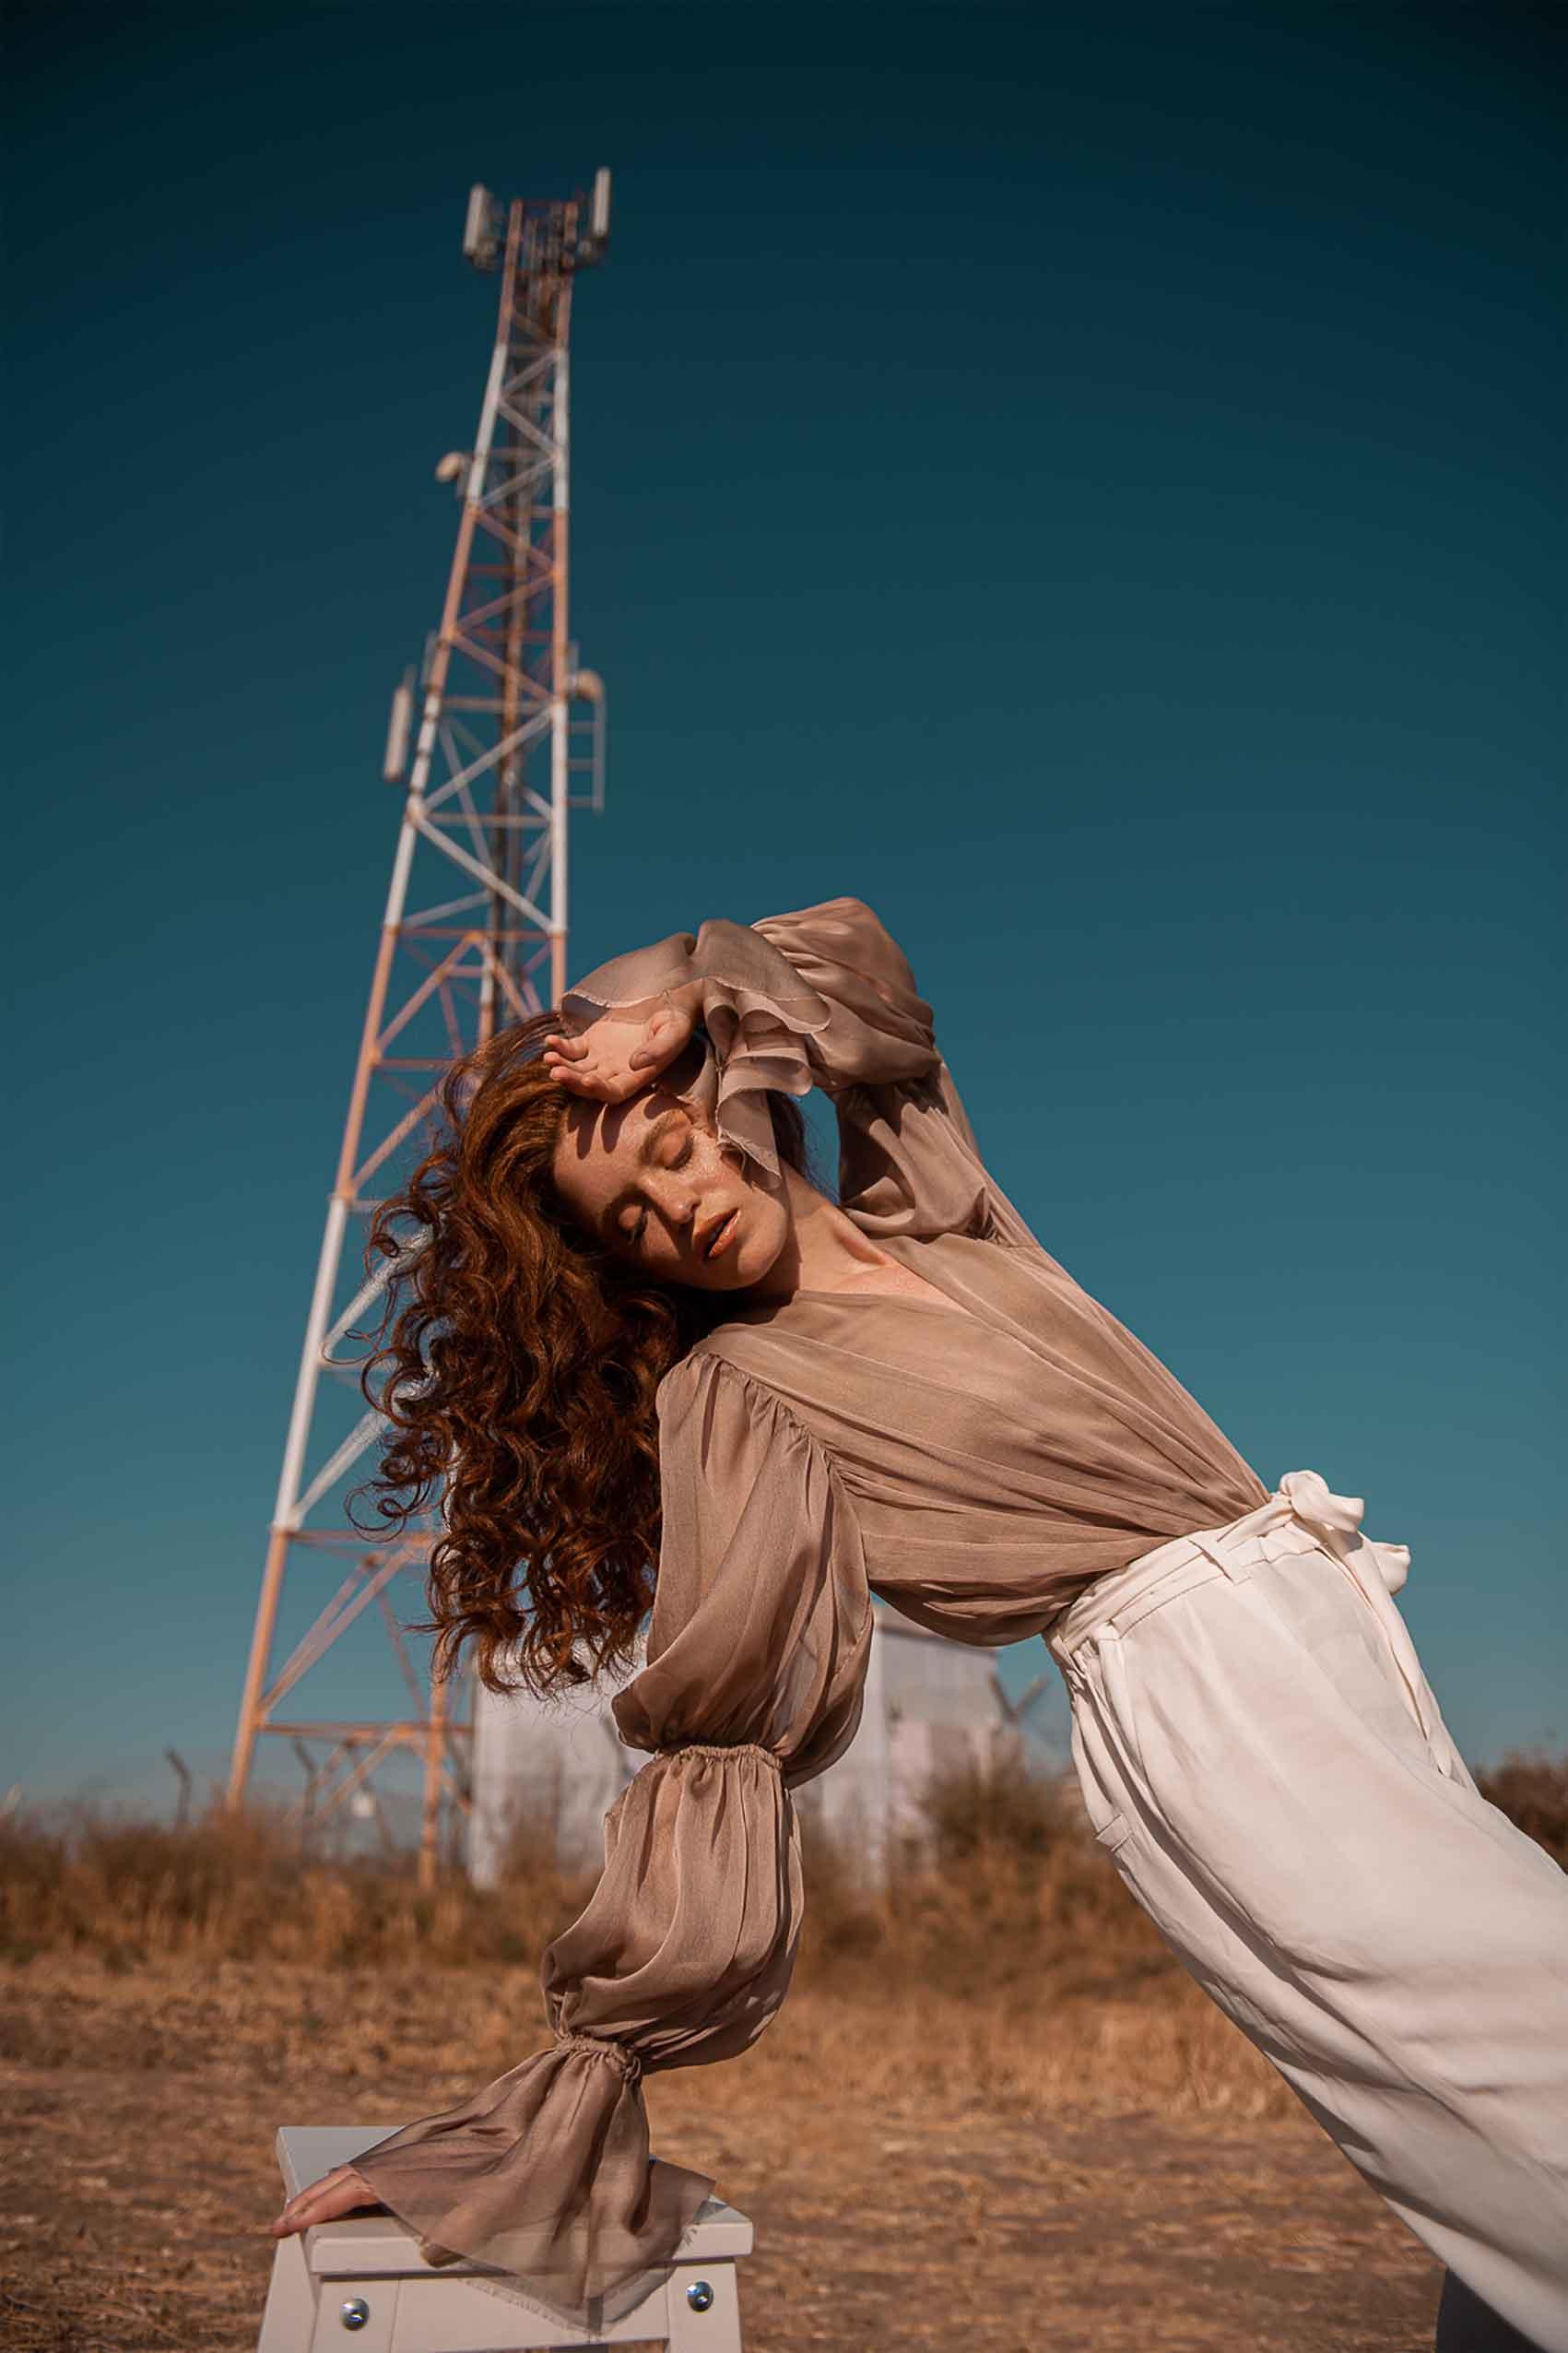 צילום: ליהי אדל חסון, סטיילינג: דניאל לוי, איפור: זיוות הרשקו, עיצוב שיער: גל זיגדון, דוגמנית: דנה קושניר-18